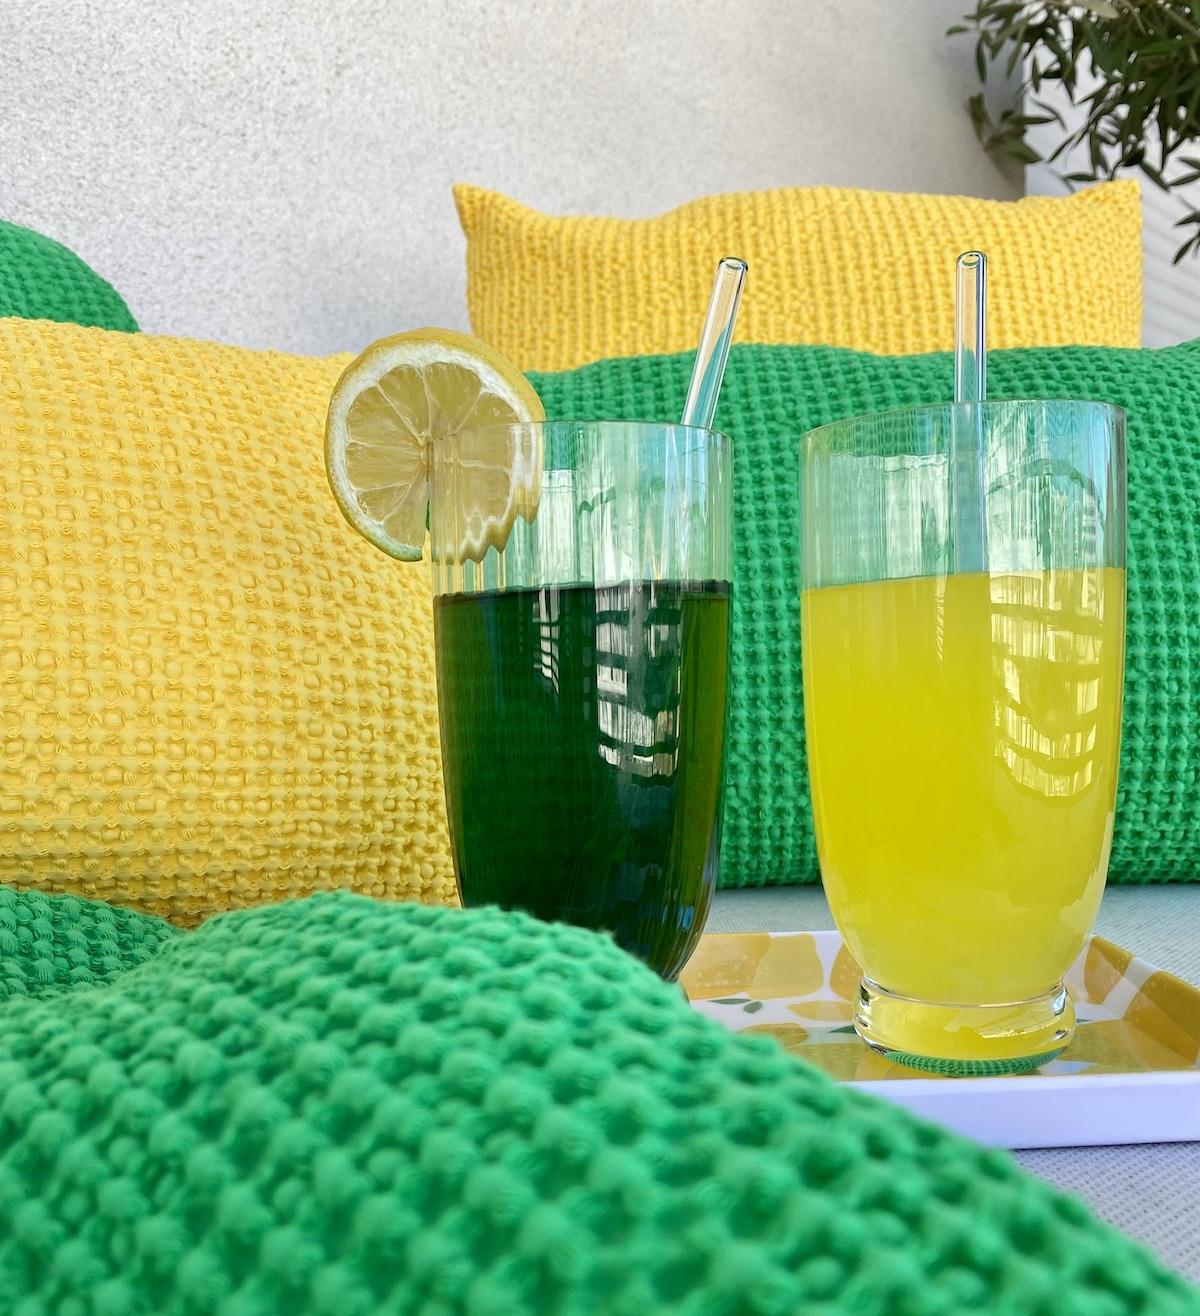 idée cocktail sans alcool jaune vert désaltérant canicule frais